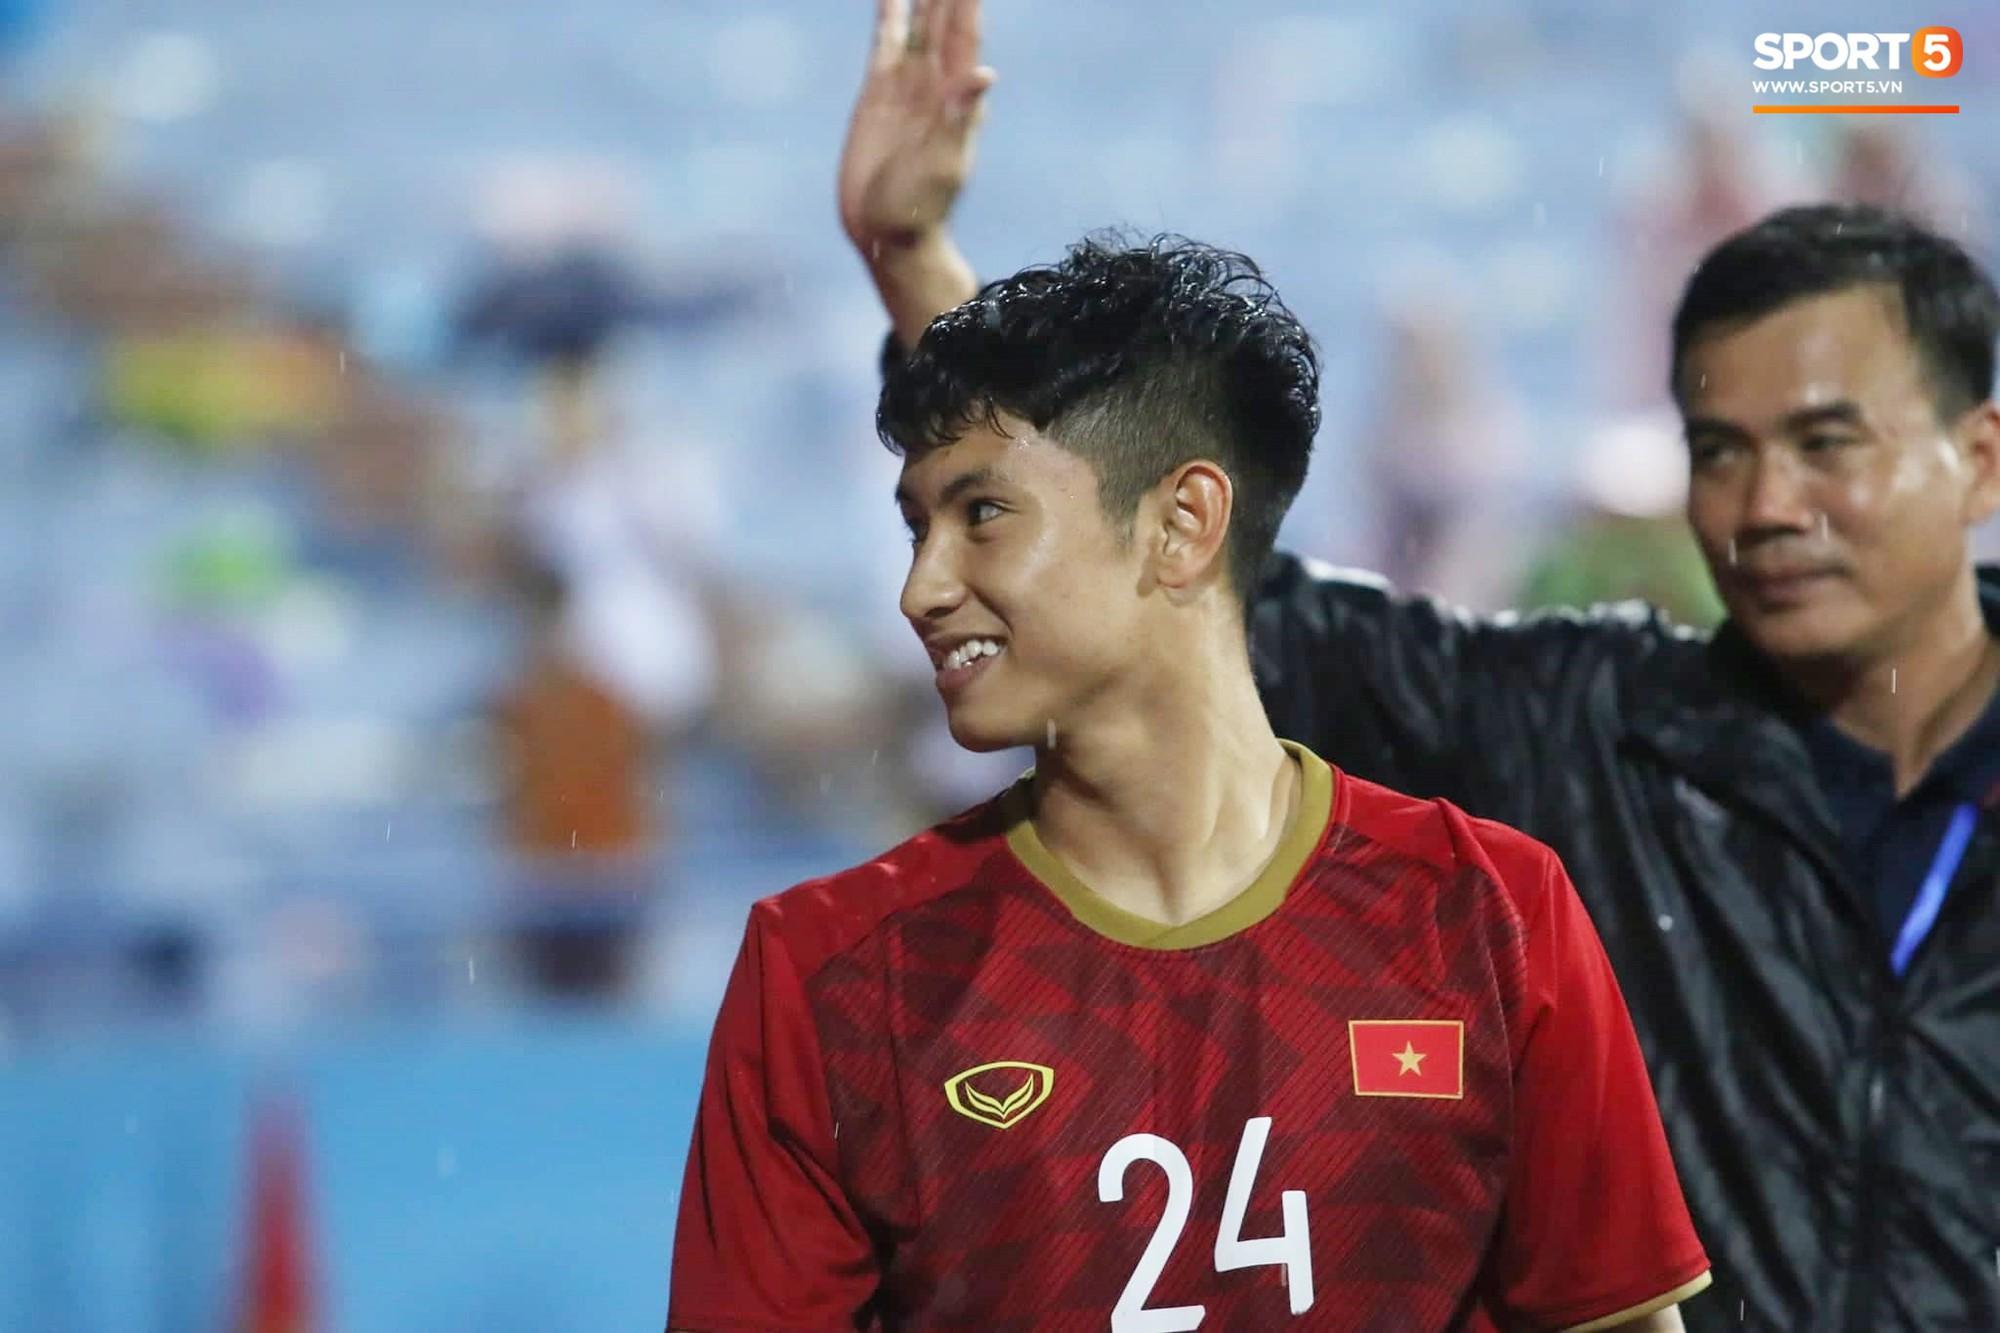 Hình ảnh cảm động: U23 Việt Nam đội mưa đi khắp khán đài cảm ơn người hâm mộ sau trận thắng U23 Myanmar-10